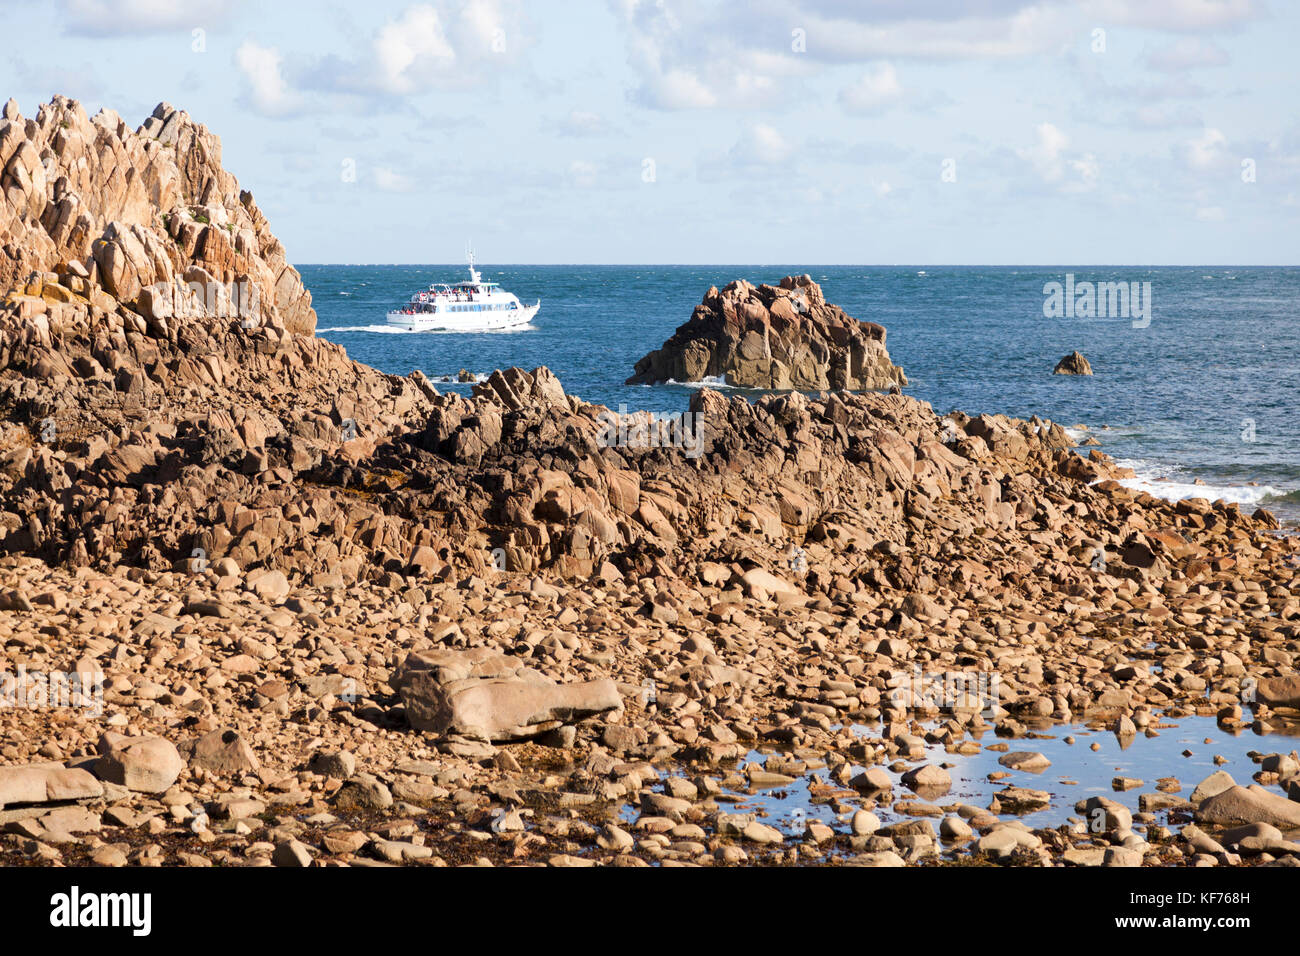 La Isla de Brehat descubrimiento desde el mar (Bretaña). Es posible en el lanzamiento para obtener 45 minutos Imagen De Stock